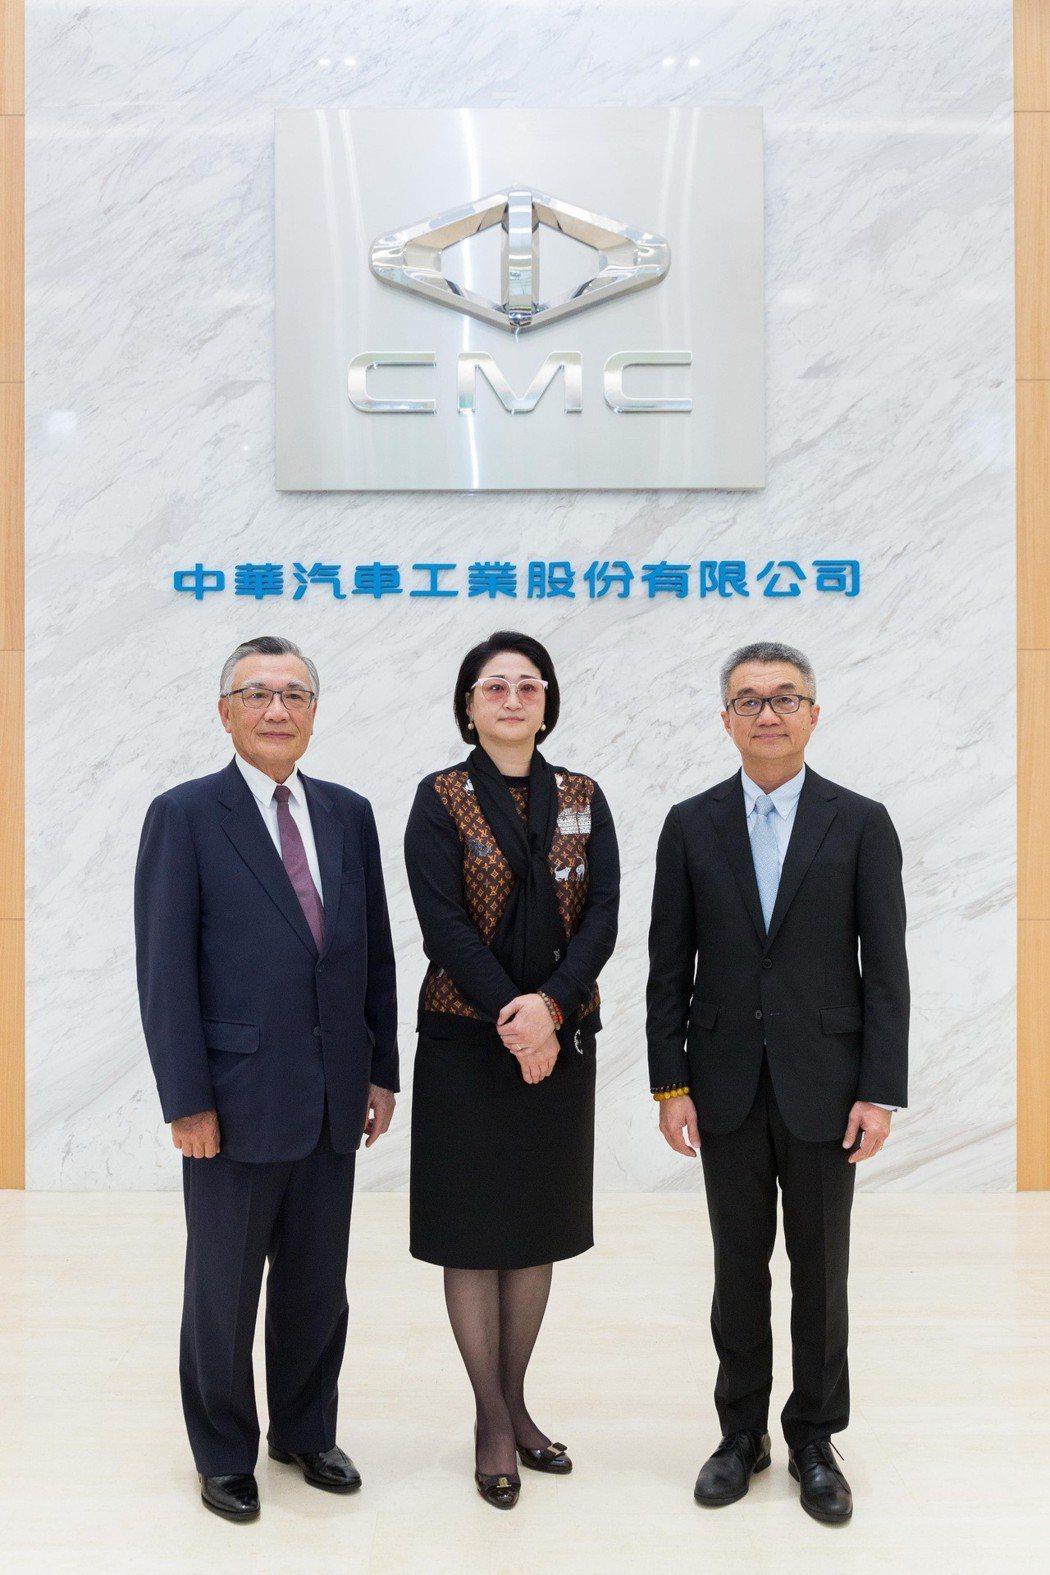 中華汽車50周年,從心(新)出發,發表全新的企業識別。 圖/中華汽車提供